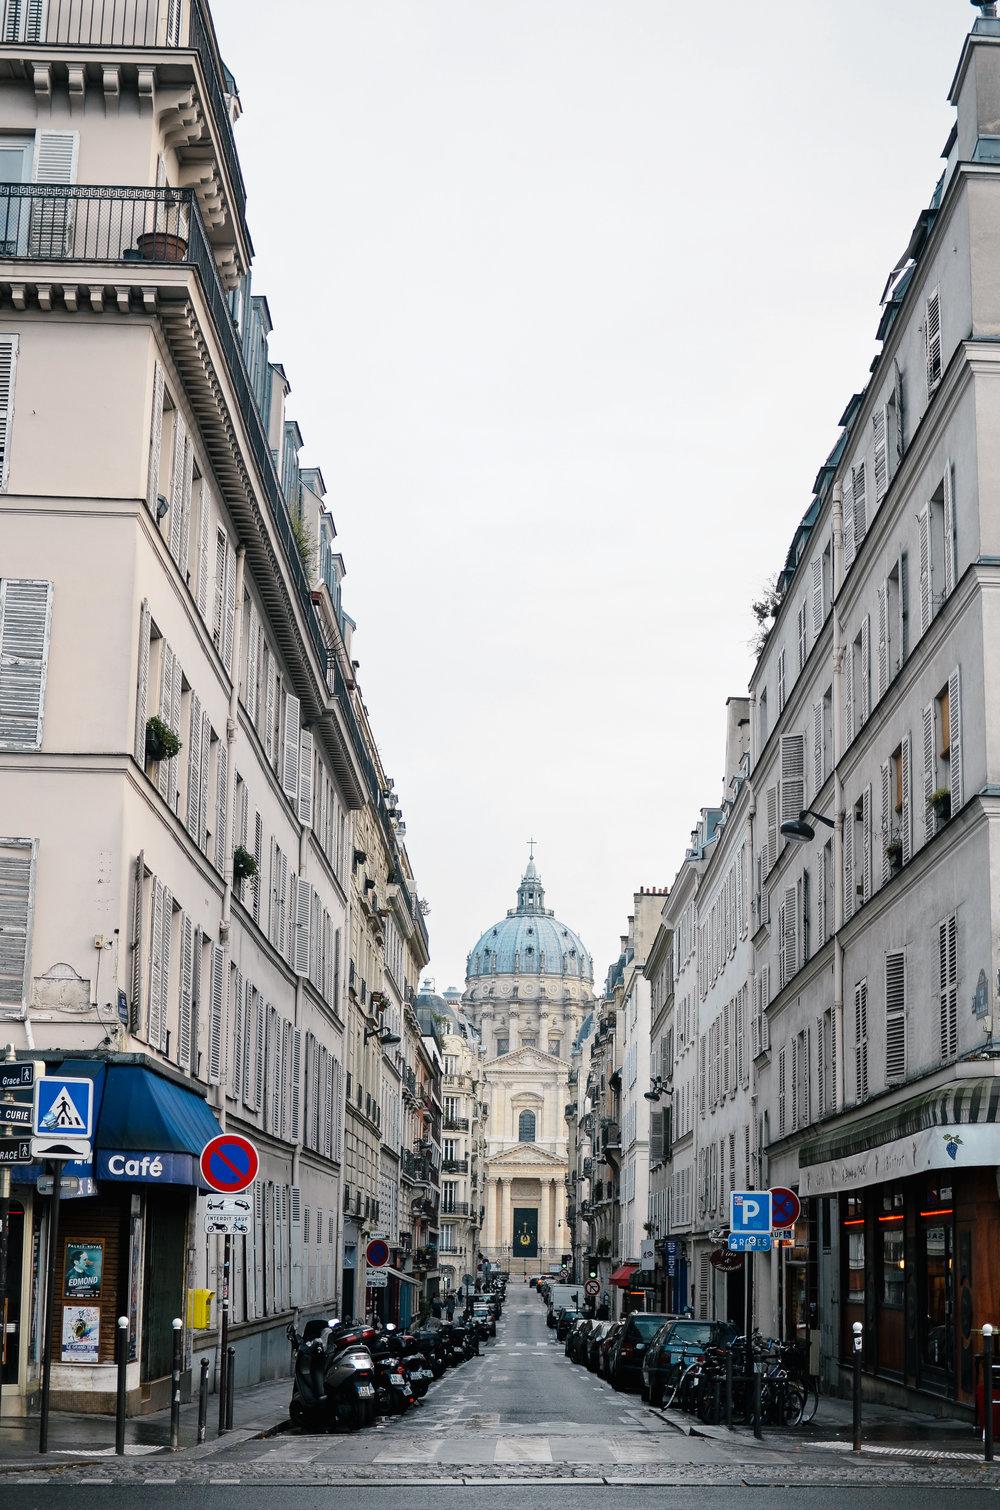 paris-france-travel-guide-lifeonpine_DSC_0358.jpg